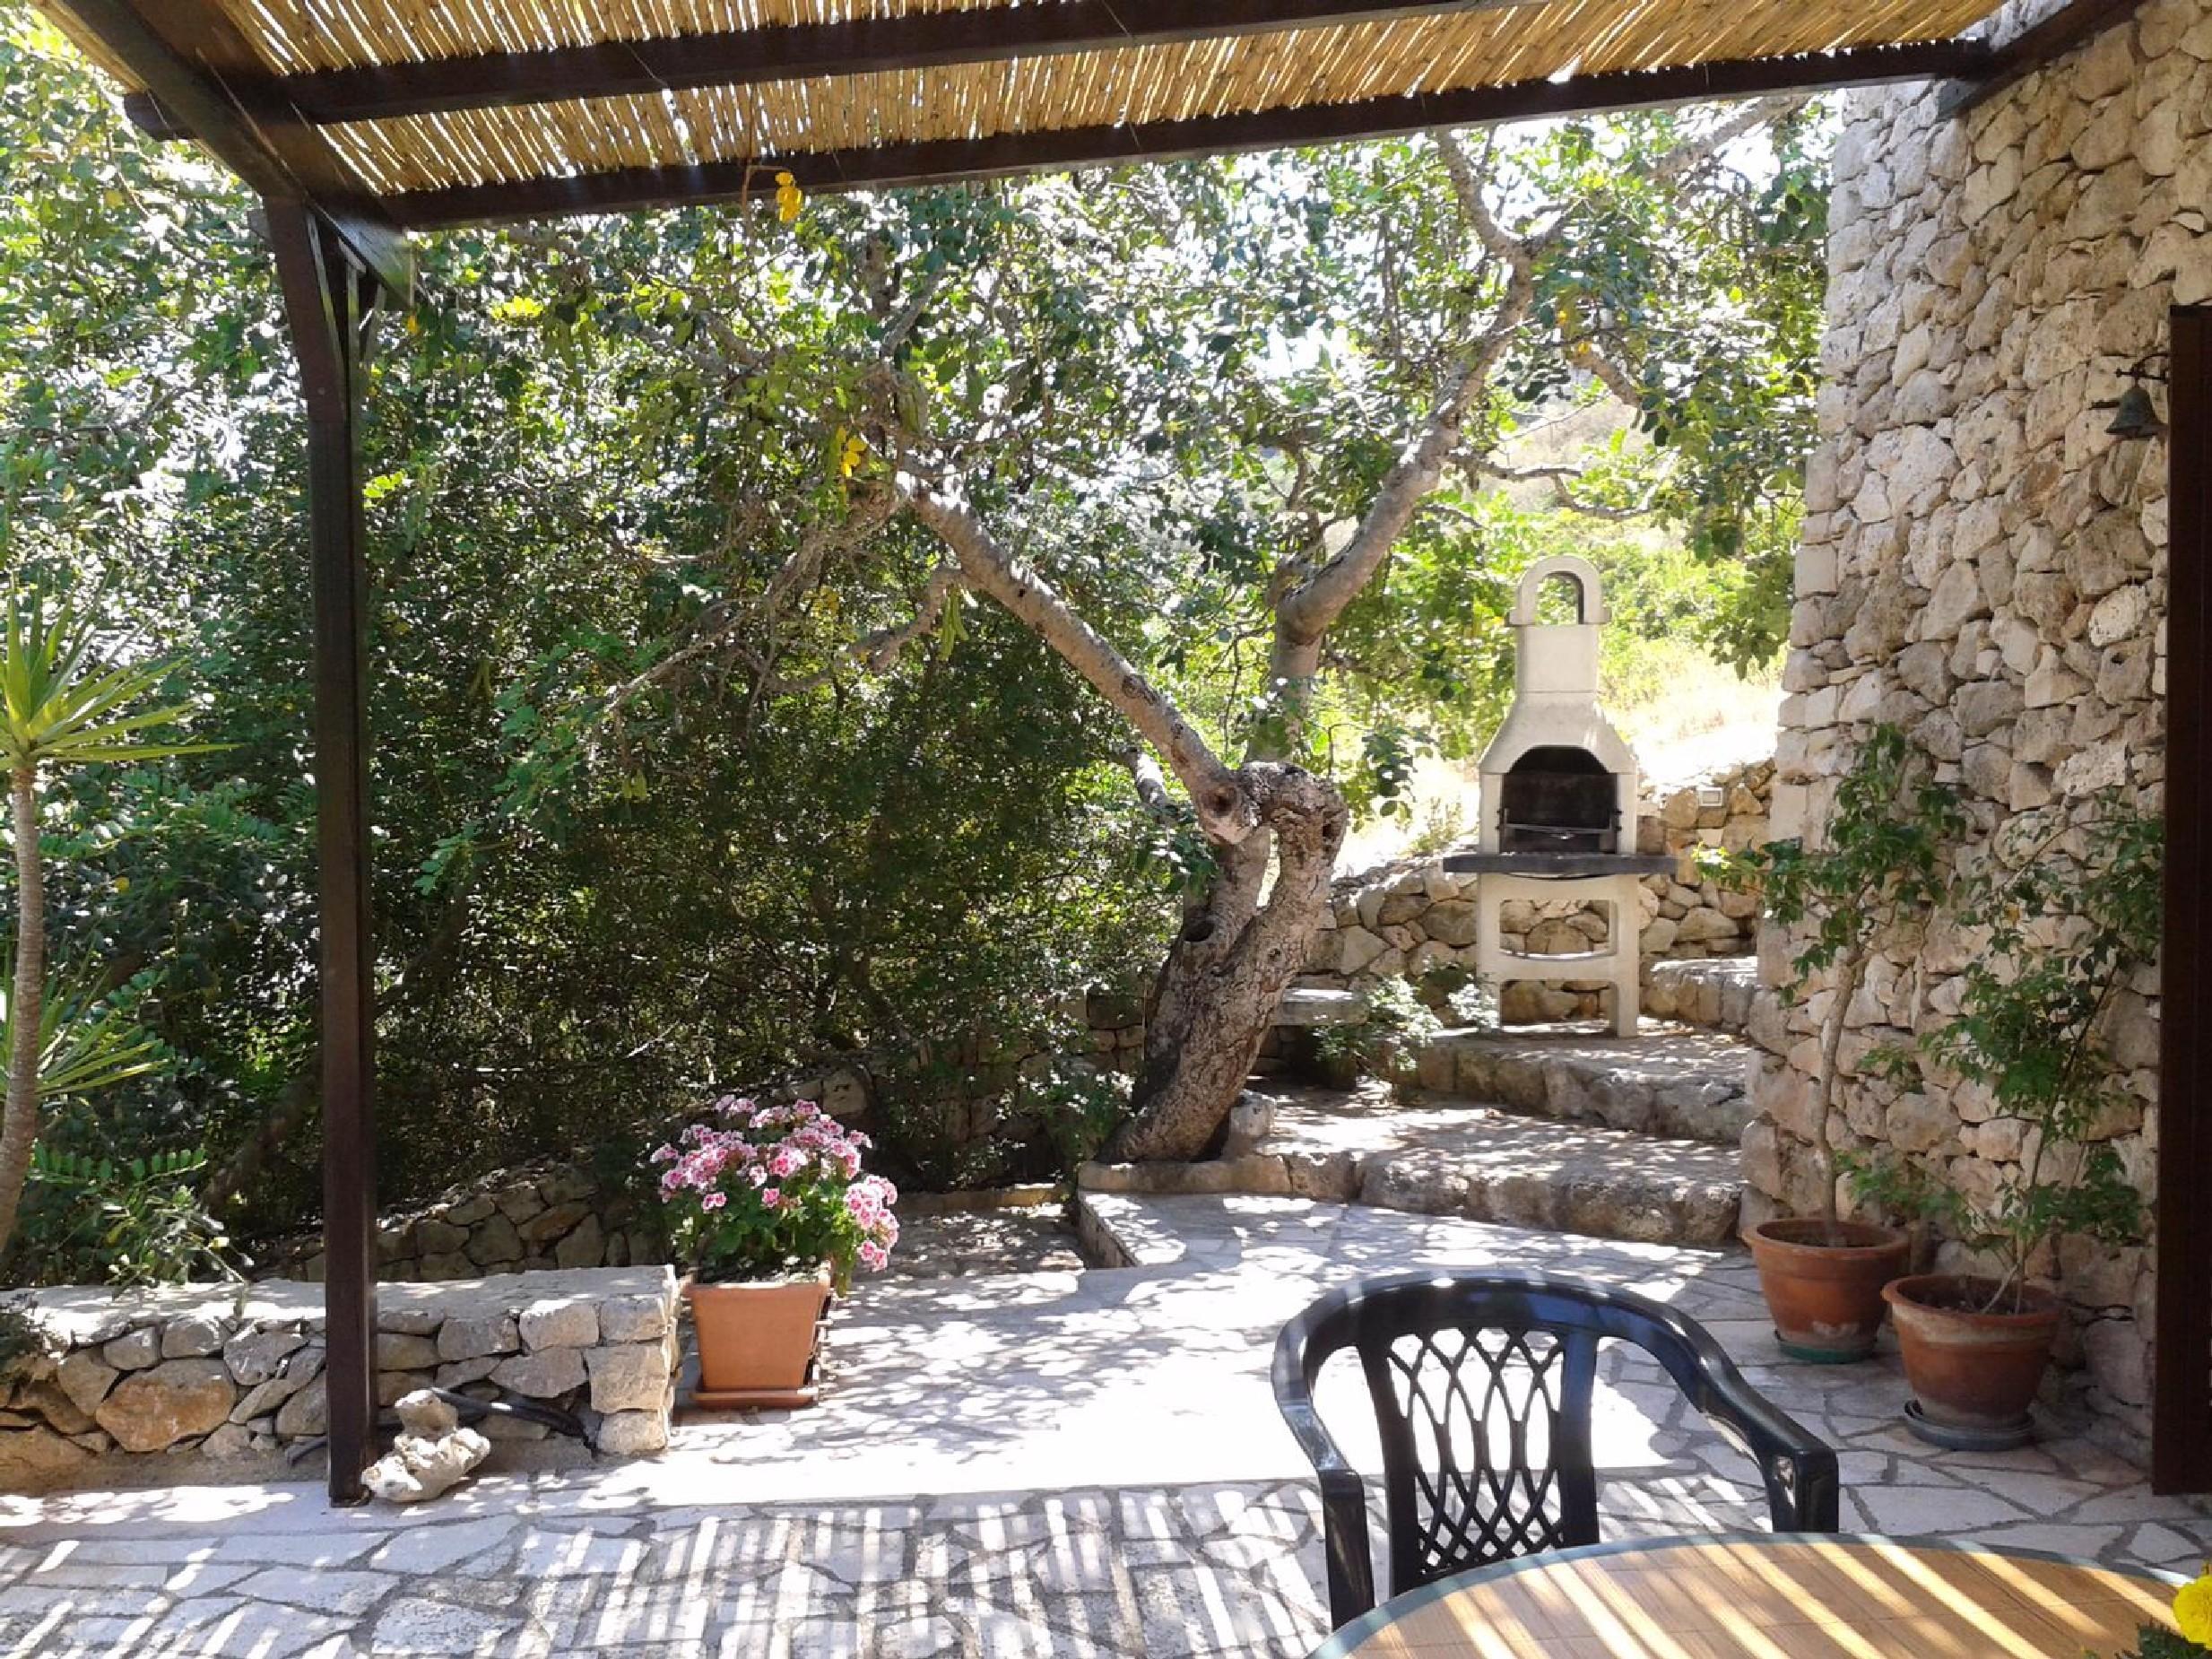 Apartment Mirto Sopra - casa in pietra sul mare photo 21137367